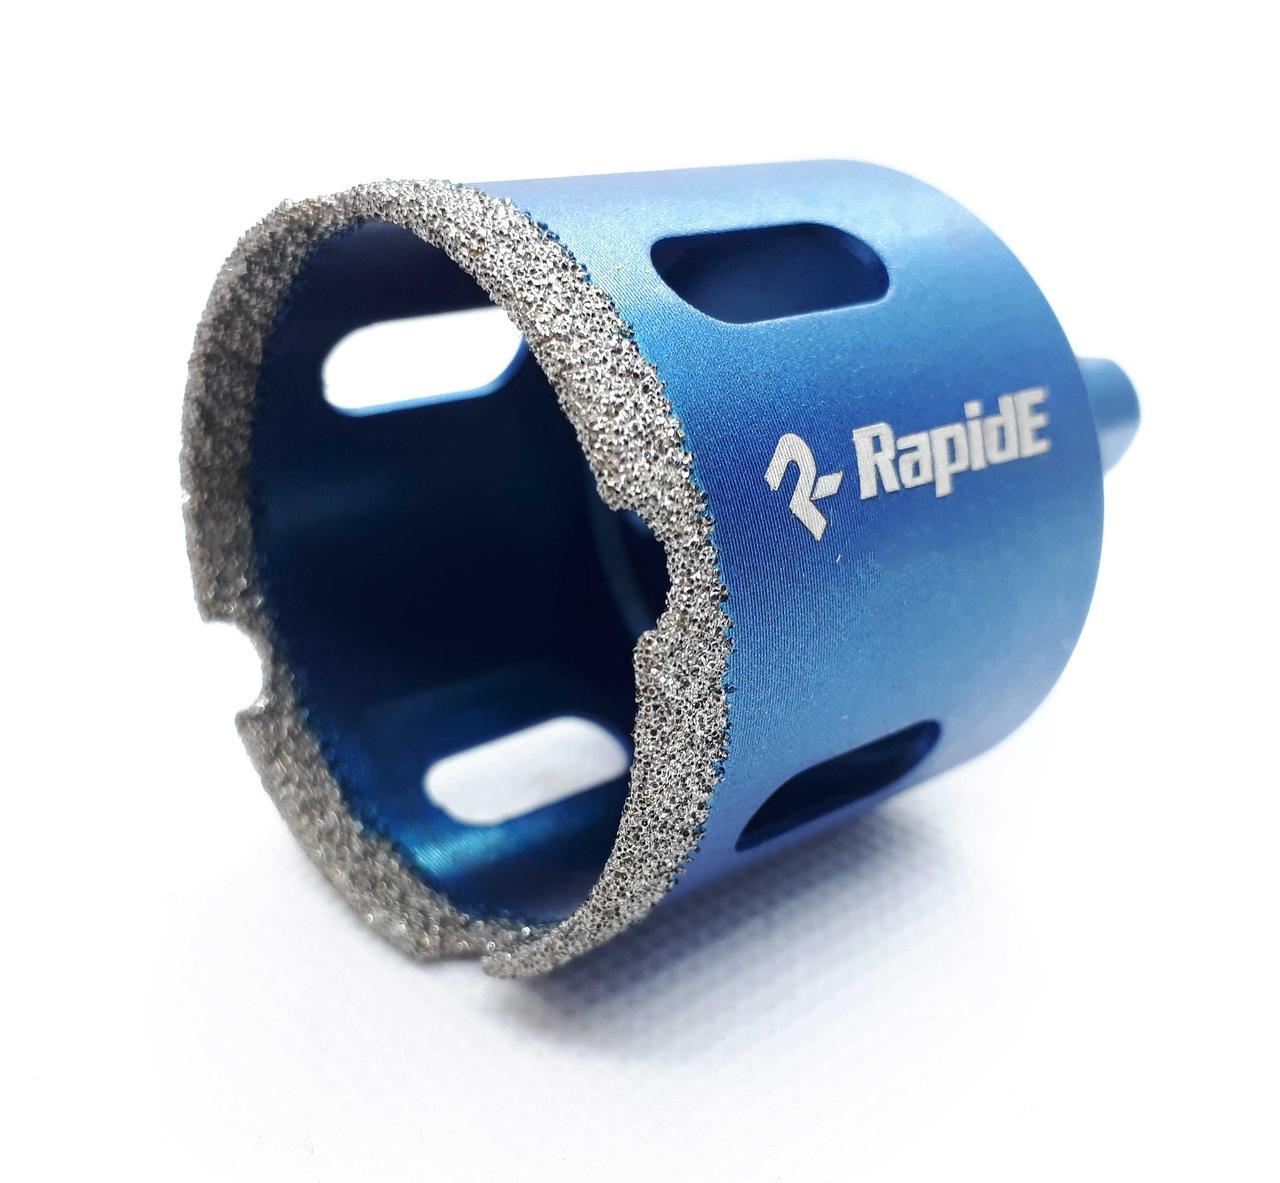 Коронка алмазная вакуумного спекания Rapide на дрель, 10 мм (RA-10)